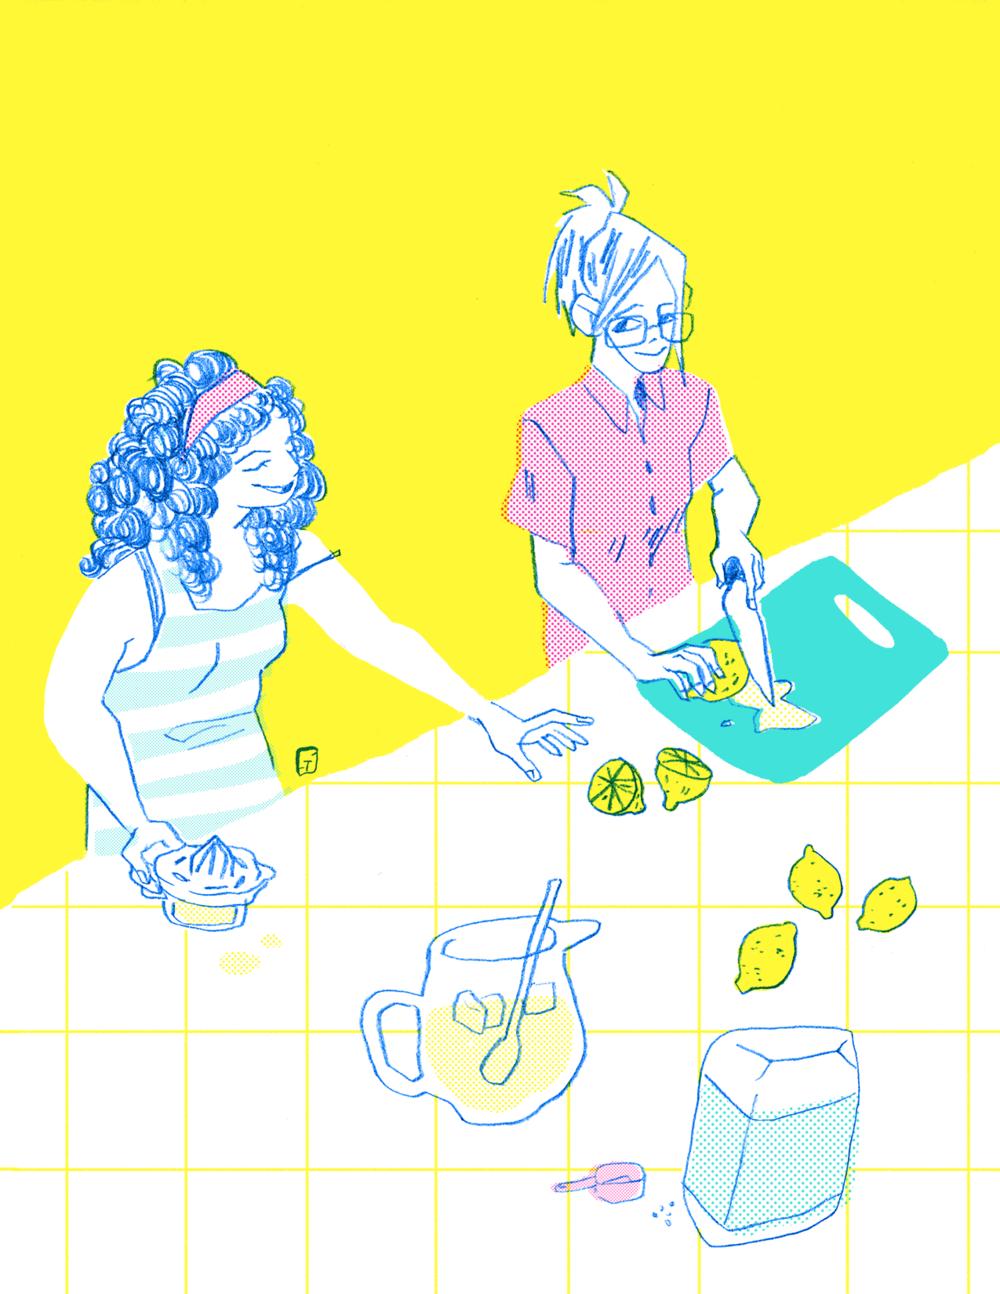 lemonade_smol.png